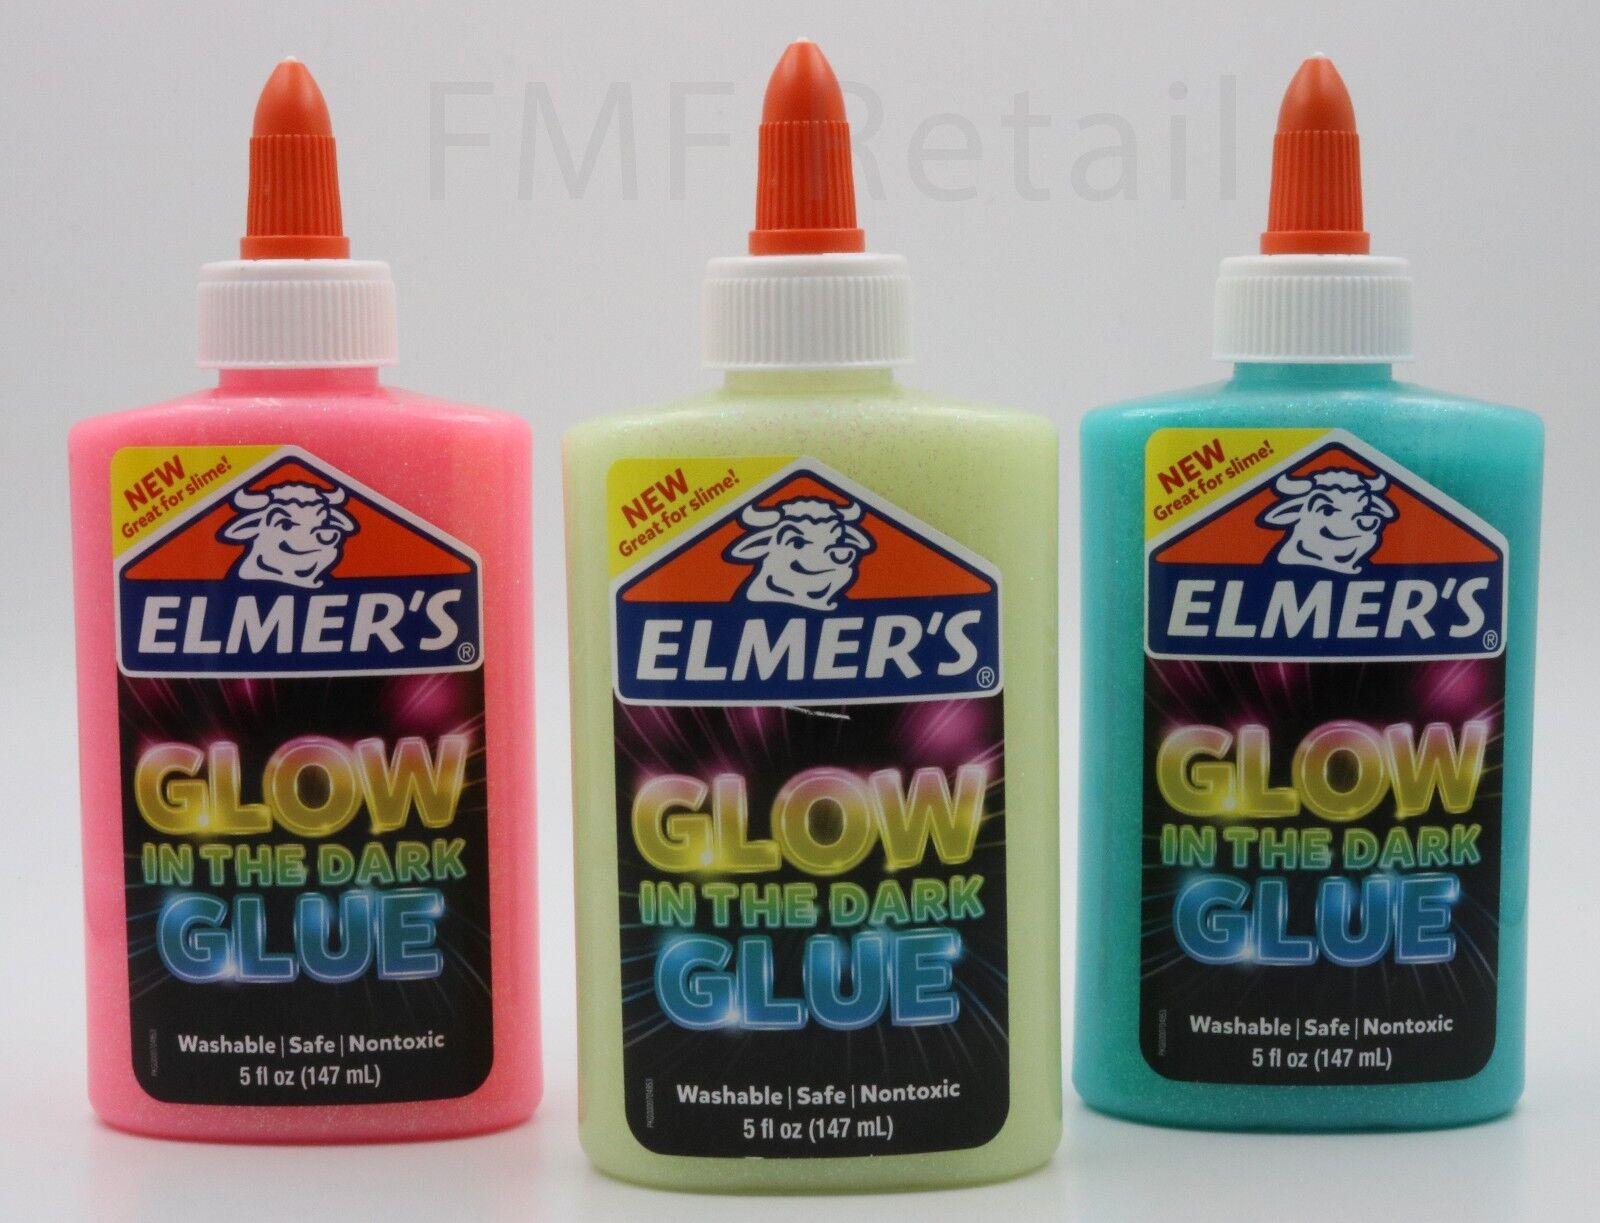 клей элмерс светящийся картинки